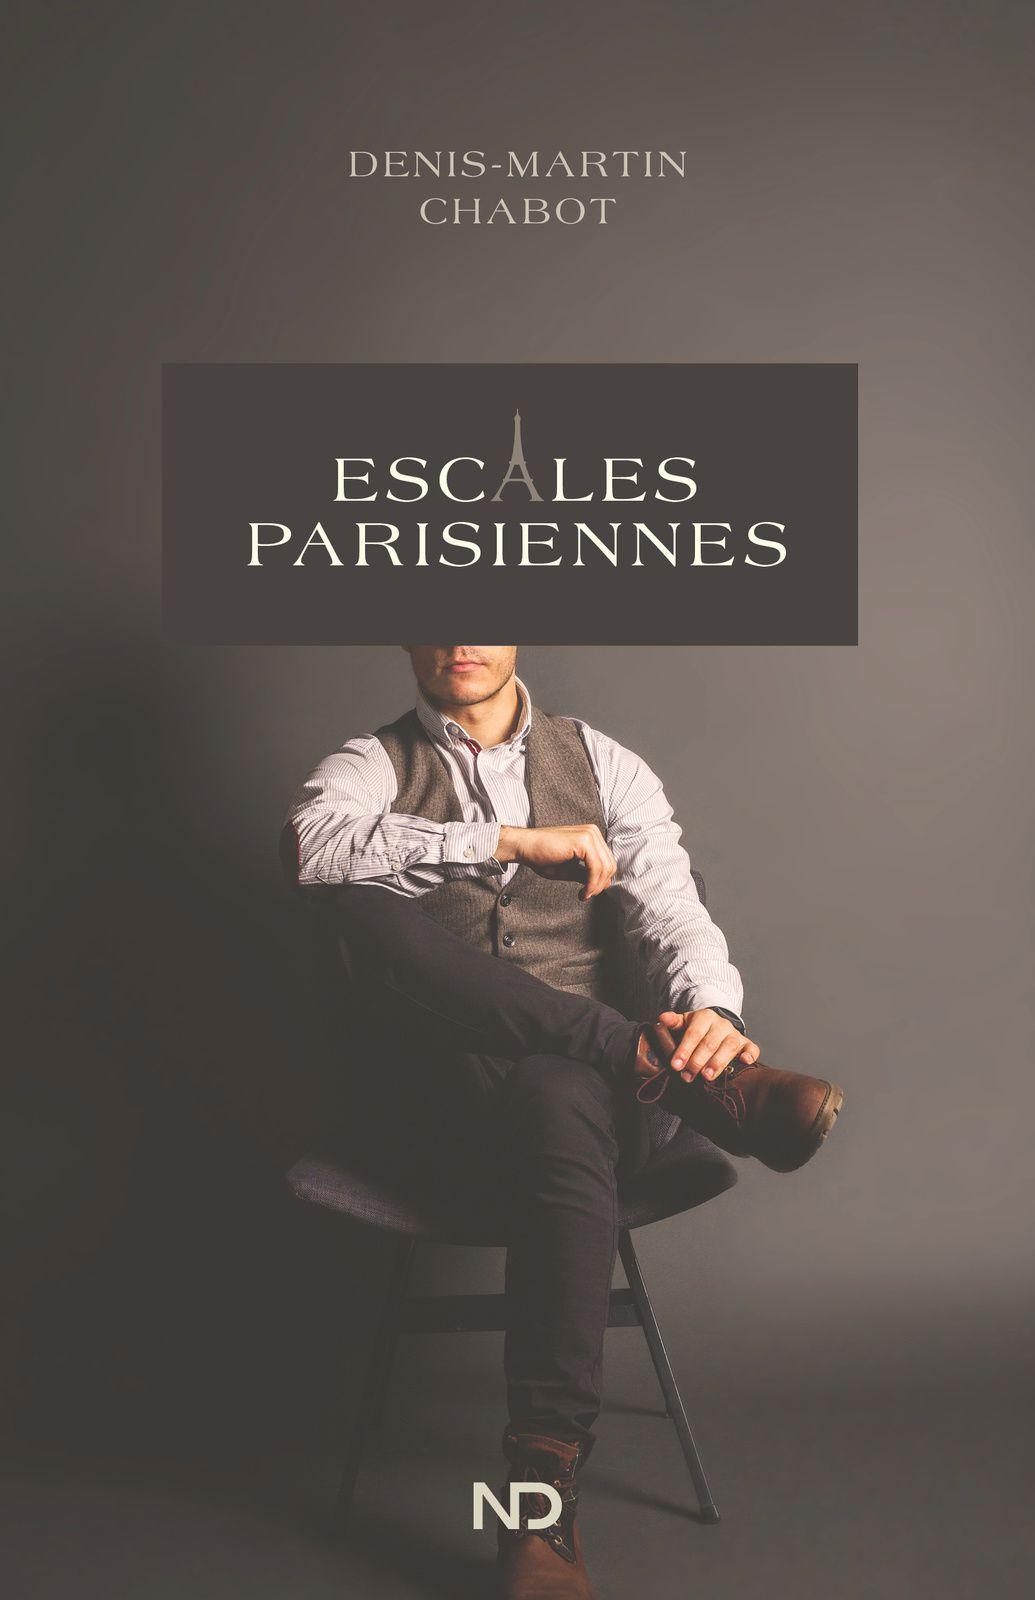 Denis-Martin Chabot de passage à Paris pour présenter son roman Escales Parisiennes